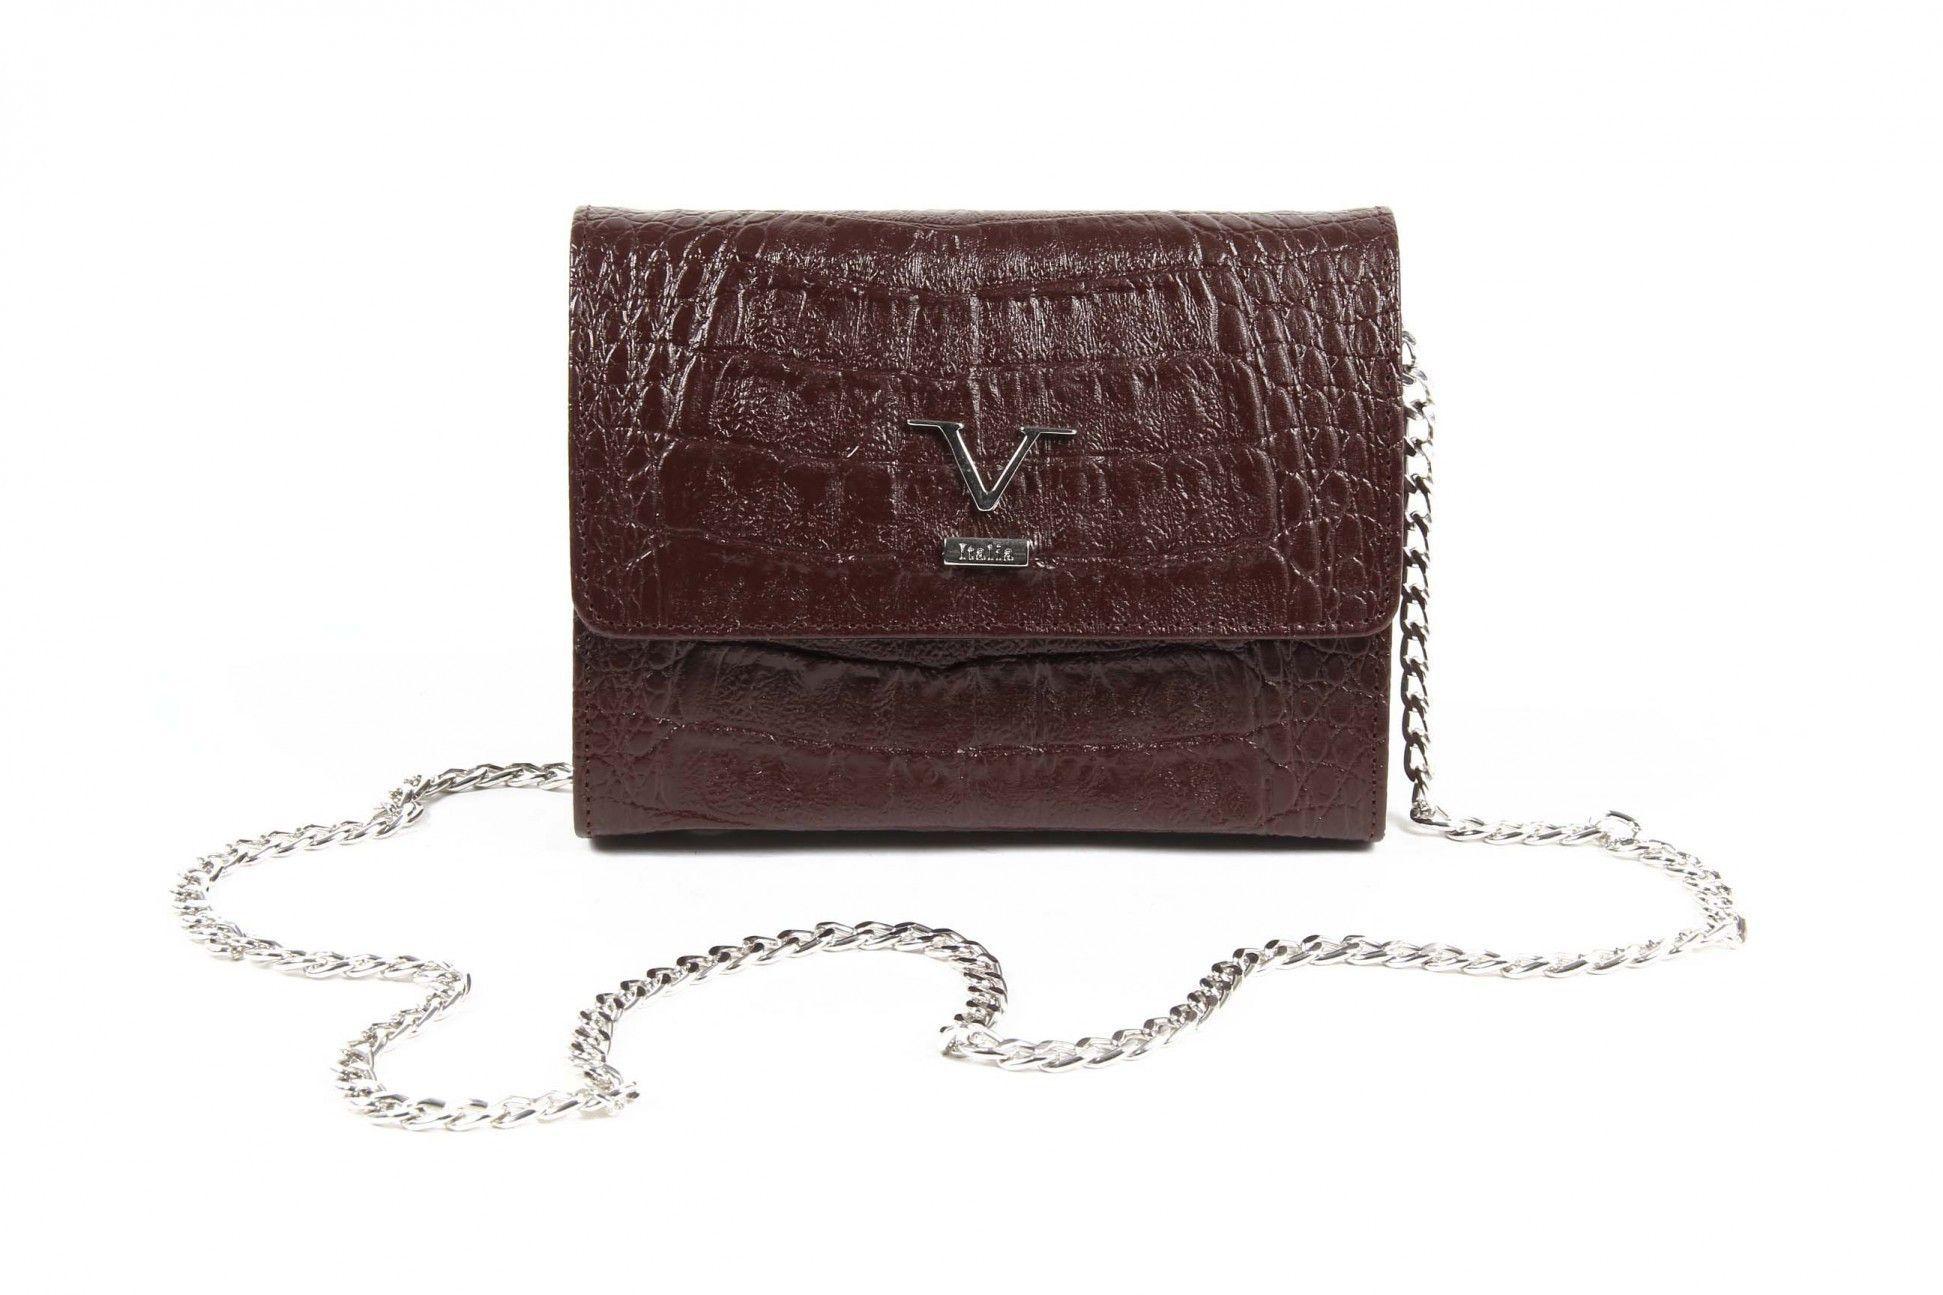 Versace 19.69 Abbigliamento Sportivo Srl Milano Italia Womens Handbag ARC04 PELAGIA COCCO BORDEAUX